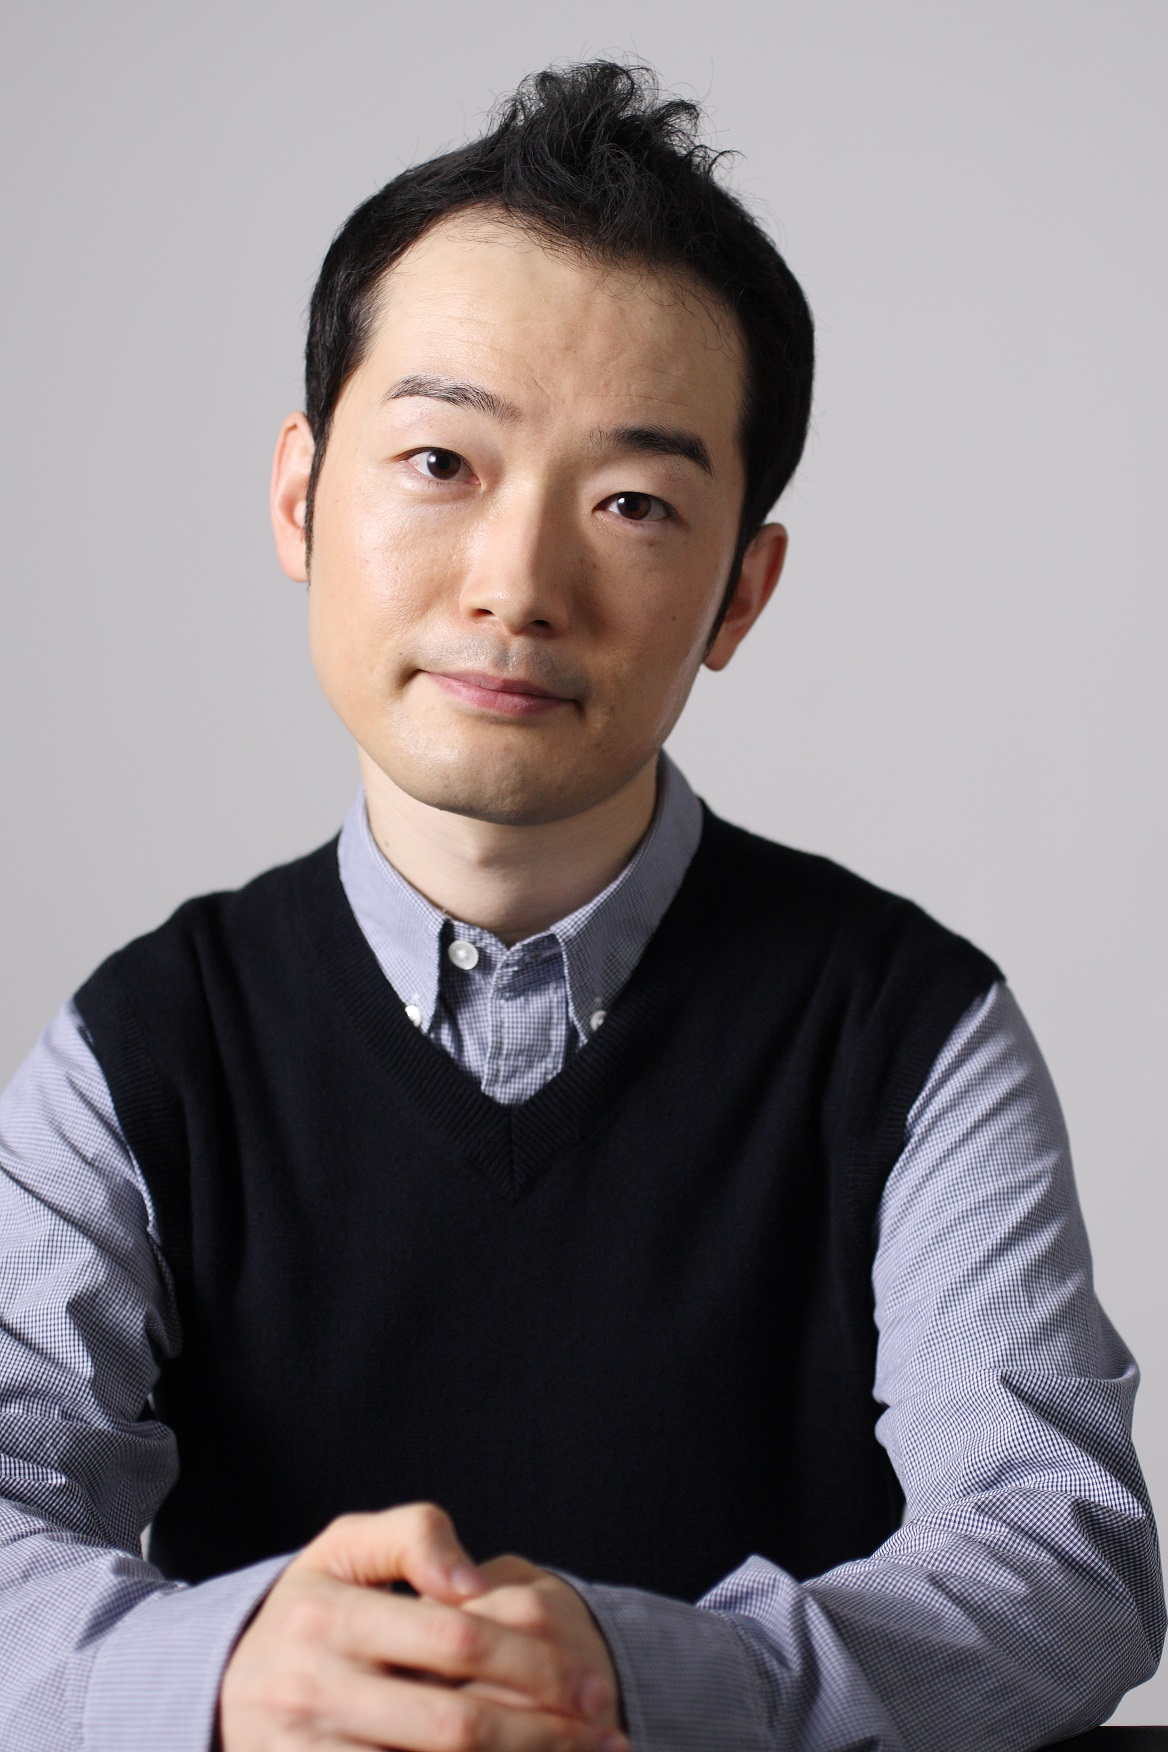 舞台「PSYCHO-PASS」から第2弾キャストが発表 高橋光臣、町井祥真、池田純矢が出演 イメージ画像